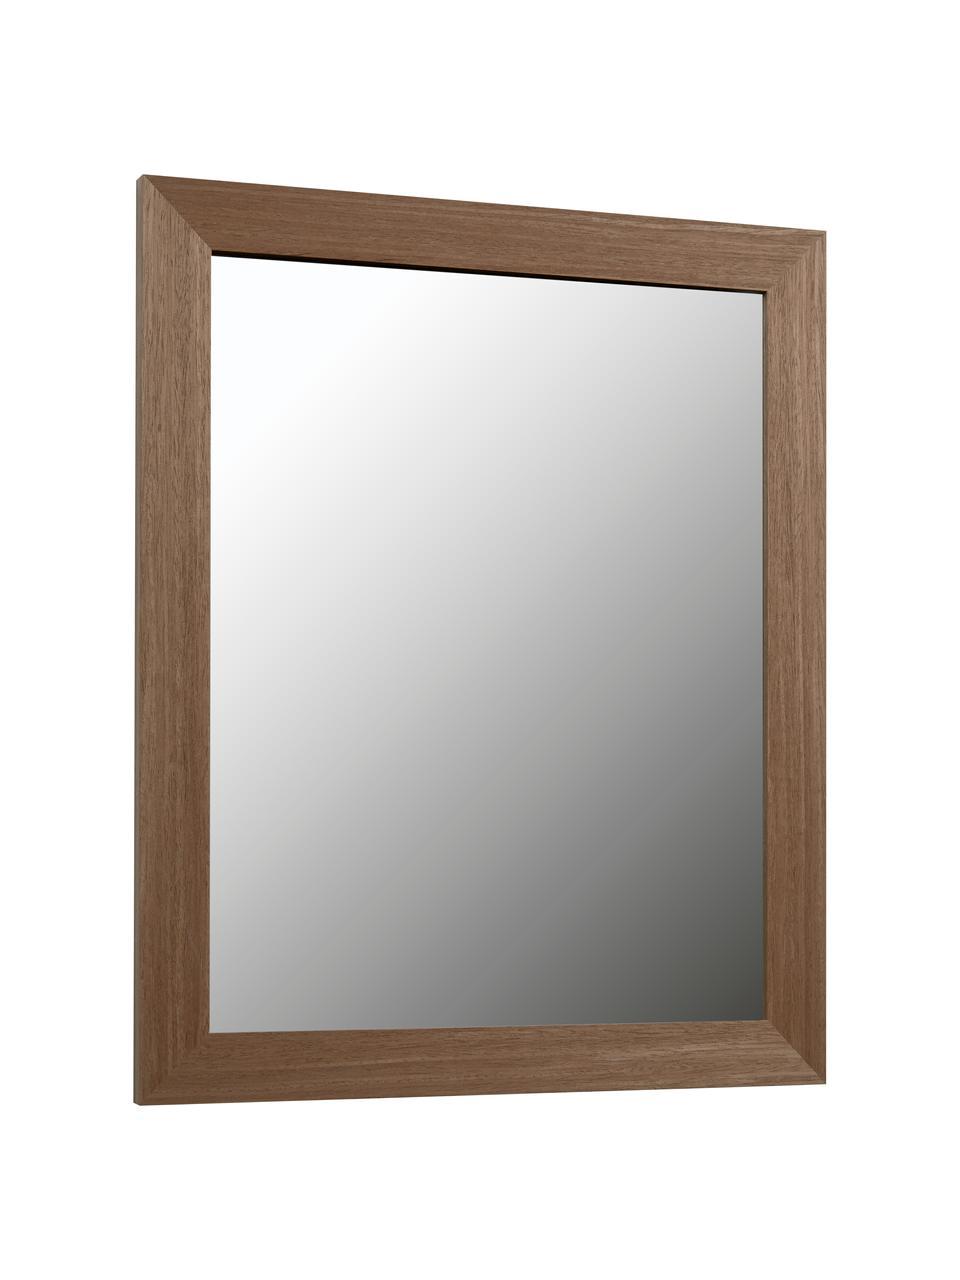 Wandspiegel Wilany mit Holzrahmen, Rahmen: Holz, Spiegelfläche: Spiegelglas, Dunkelbraun, 47 x 58 cm